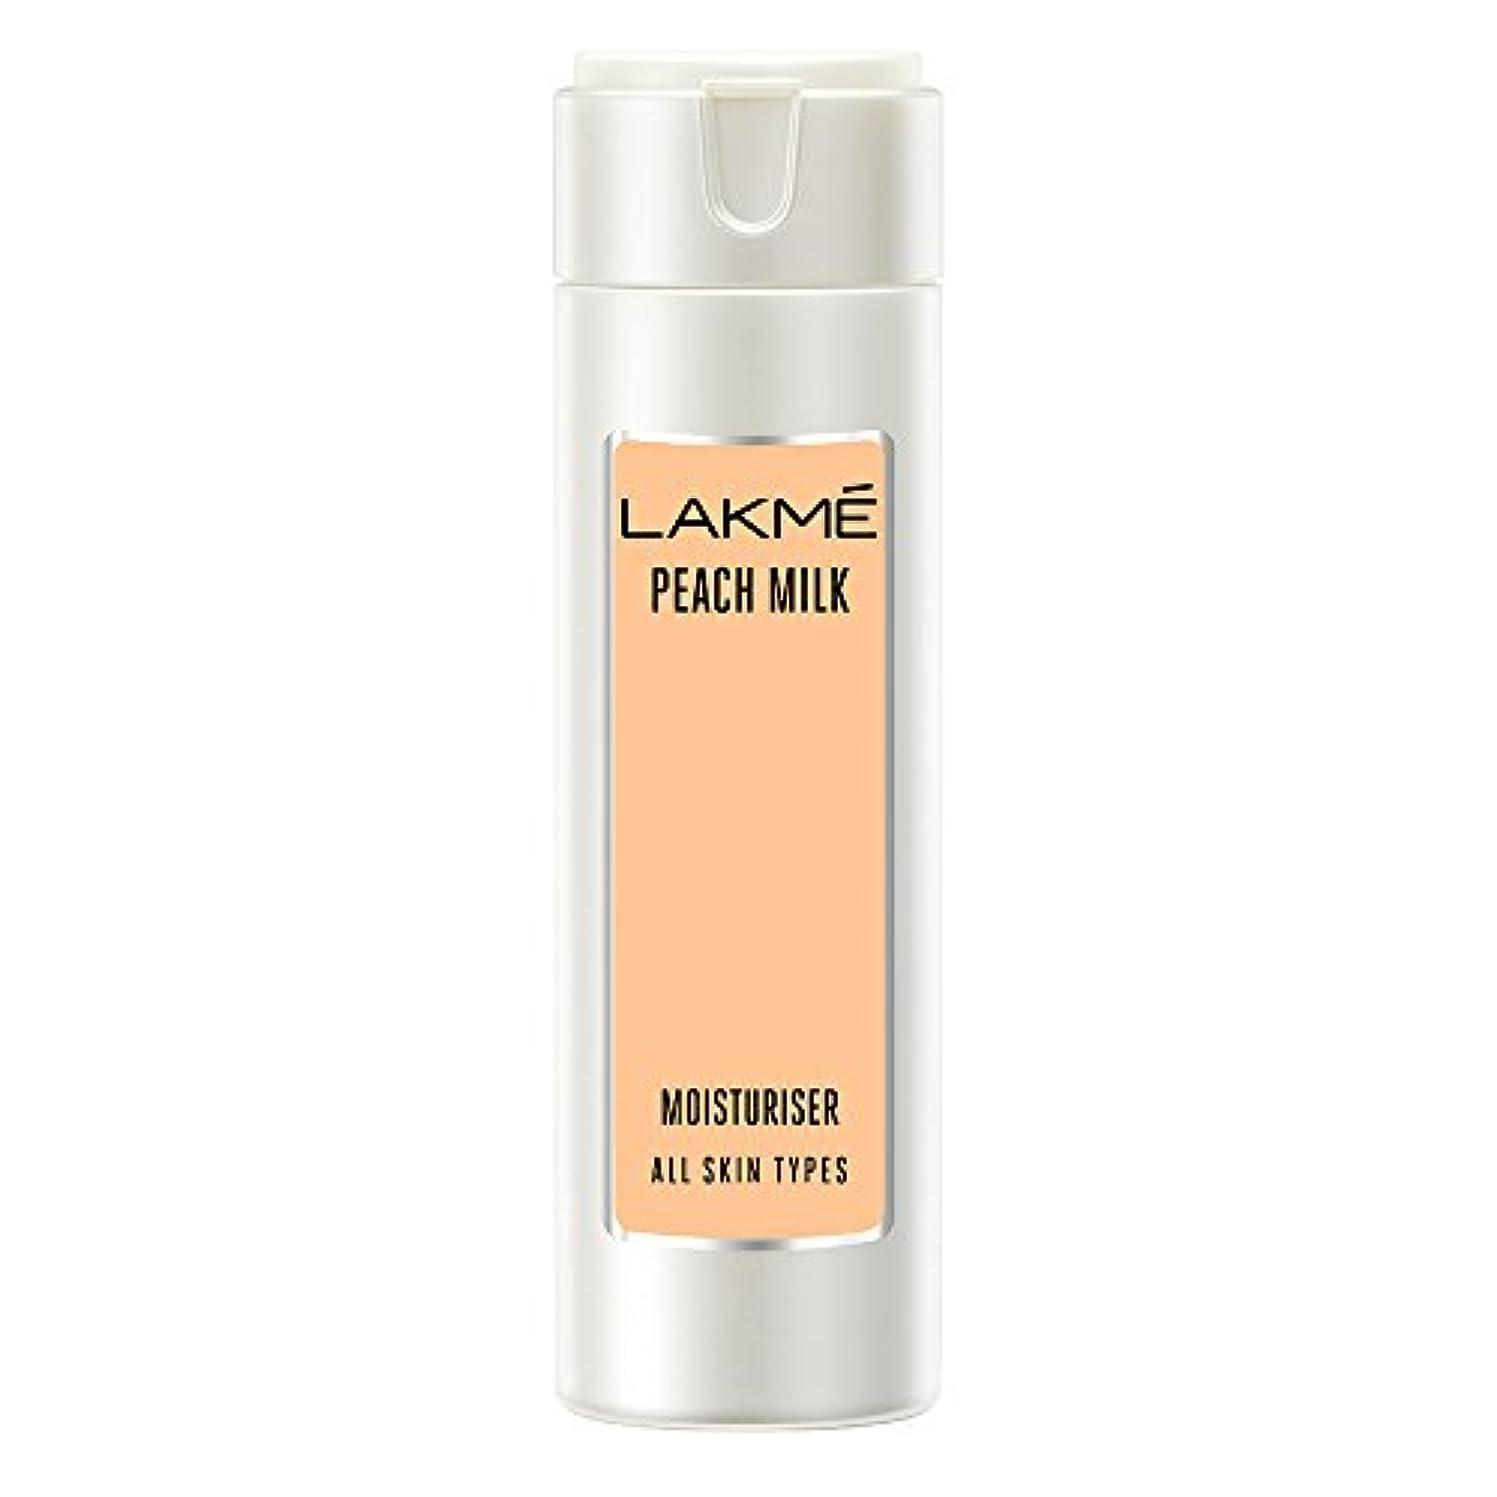 何十人も増強する心のこもったLakme Peach Milk Moisturizer Body Lotion, 120ml